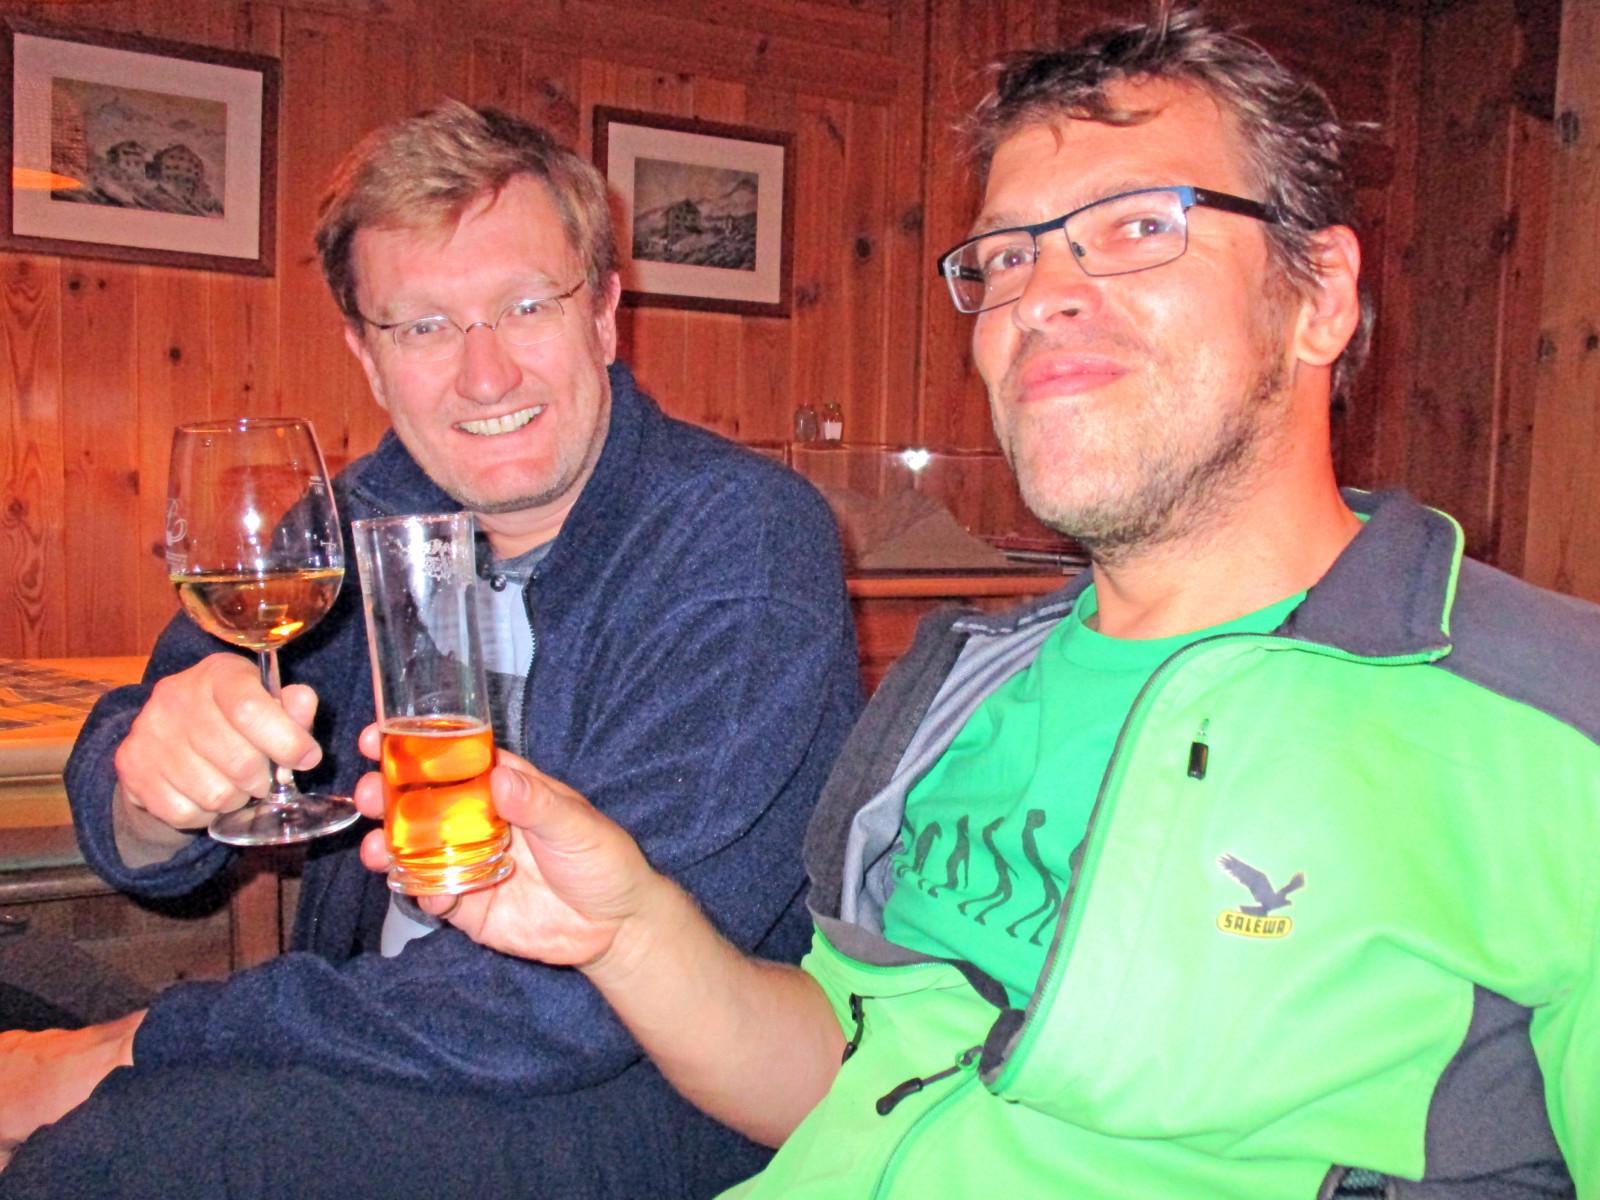 Prost! Dieses Glaserl haben wir uns verdient.